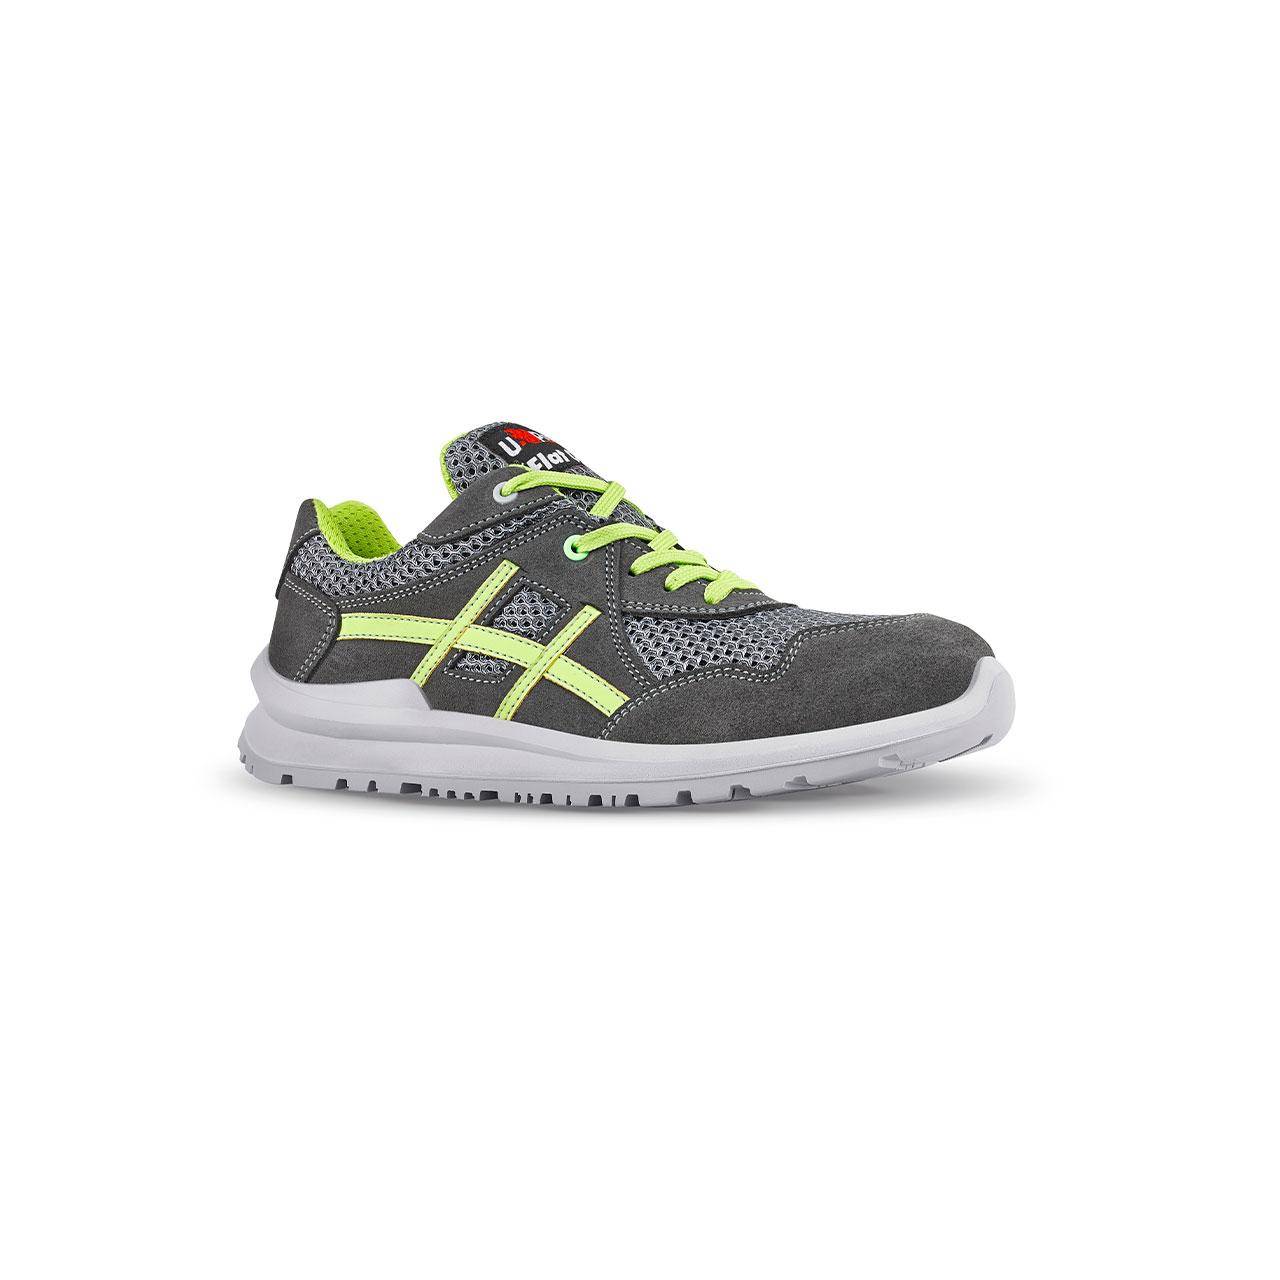 scarpa antinfortunistica upower modello nico linea flatout vista laterale